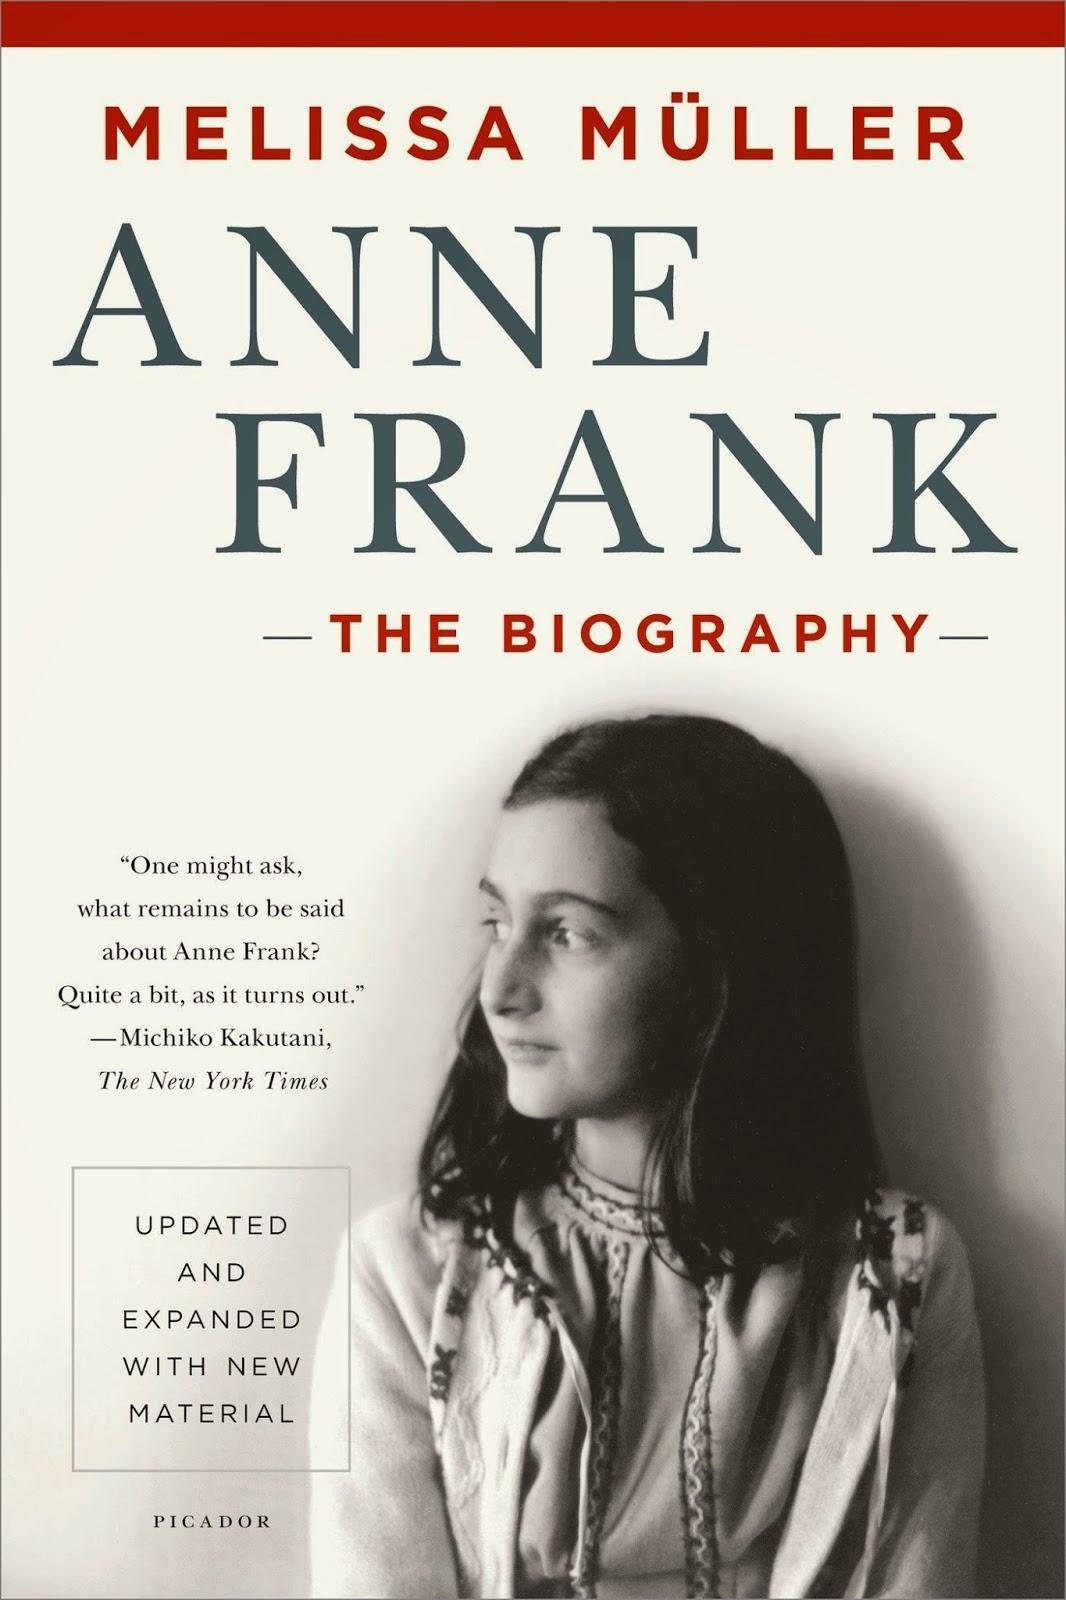 Les Derniers Jours D'anne Frank : derniers, jours, d'anne, frank, Véronique, Chemla:, Destin, D'Anne, Frank, Histoire, D'aujourd'hui